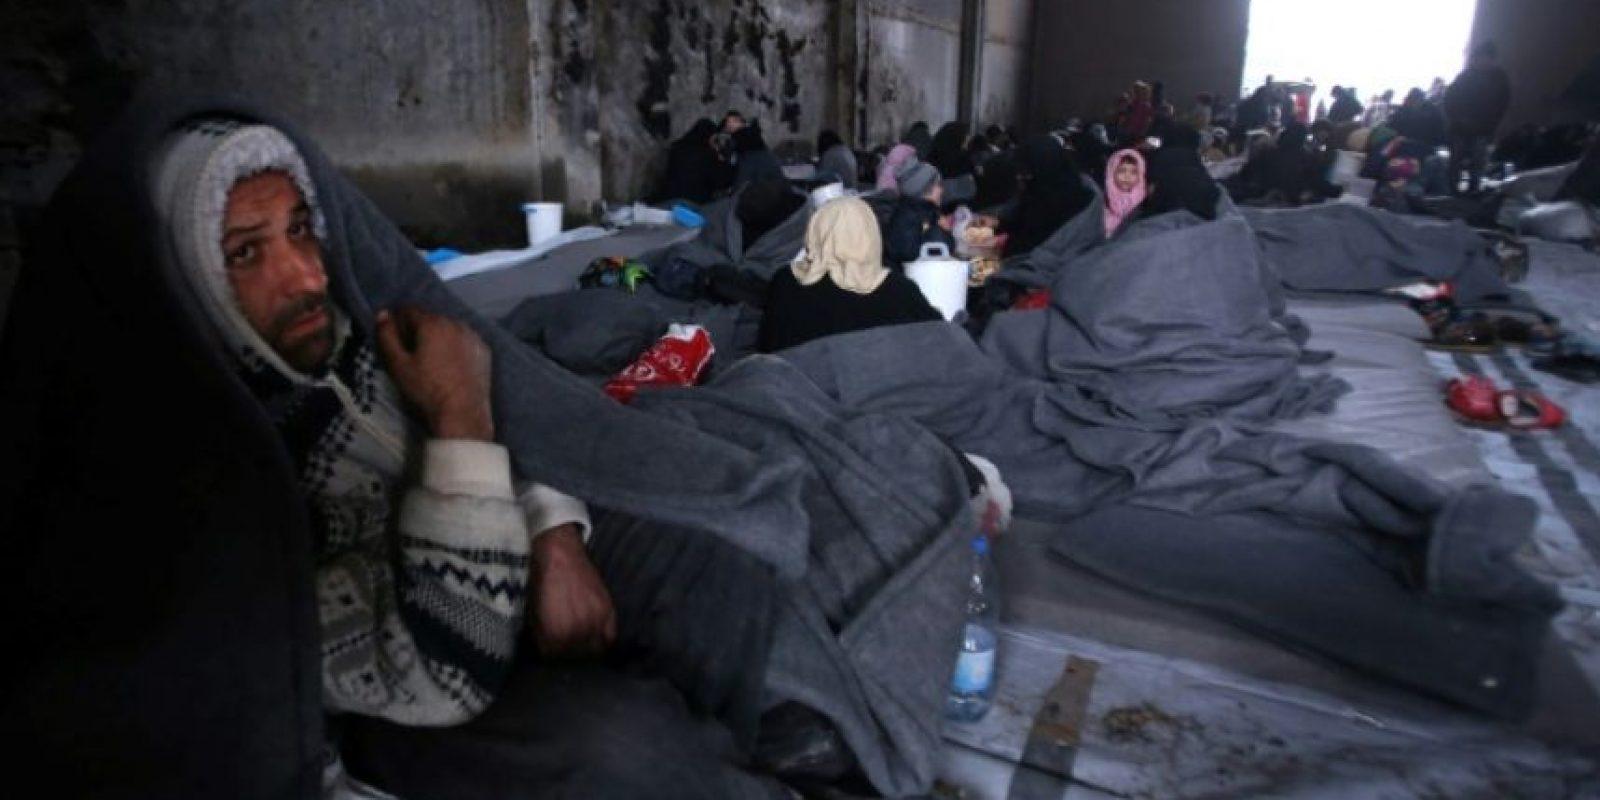 Refugiados sirios desplazados por el avance de tropas del régimen sobre áreas rebeldes de Alepo, en Jibrin, un barrio al este de esa ciudad, el 1 de diciembre de 2016 Foto:Youssef Karwashan/afp.com